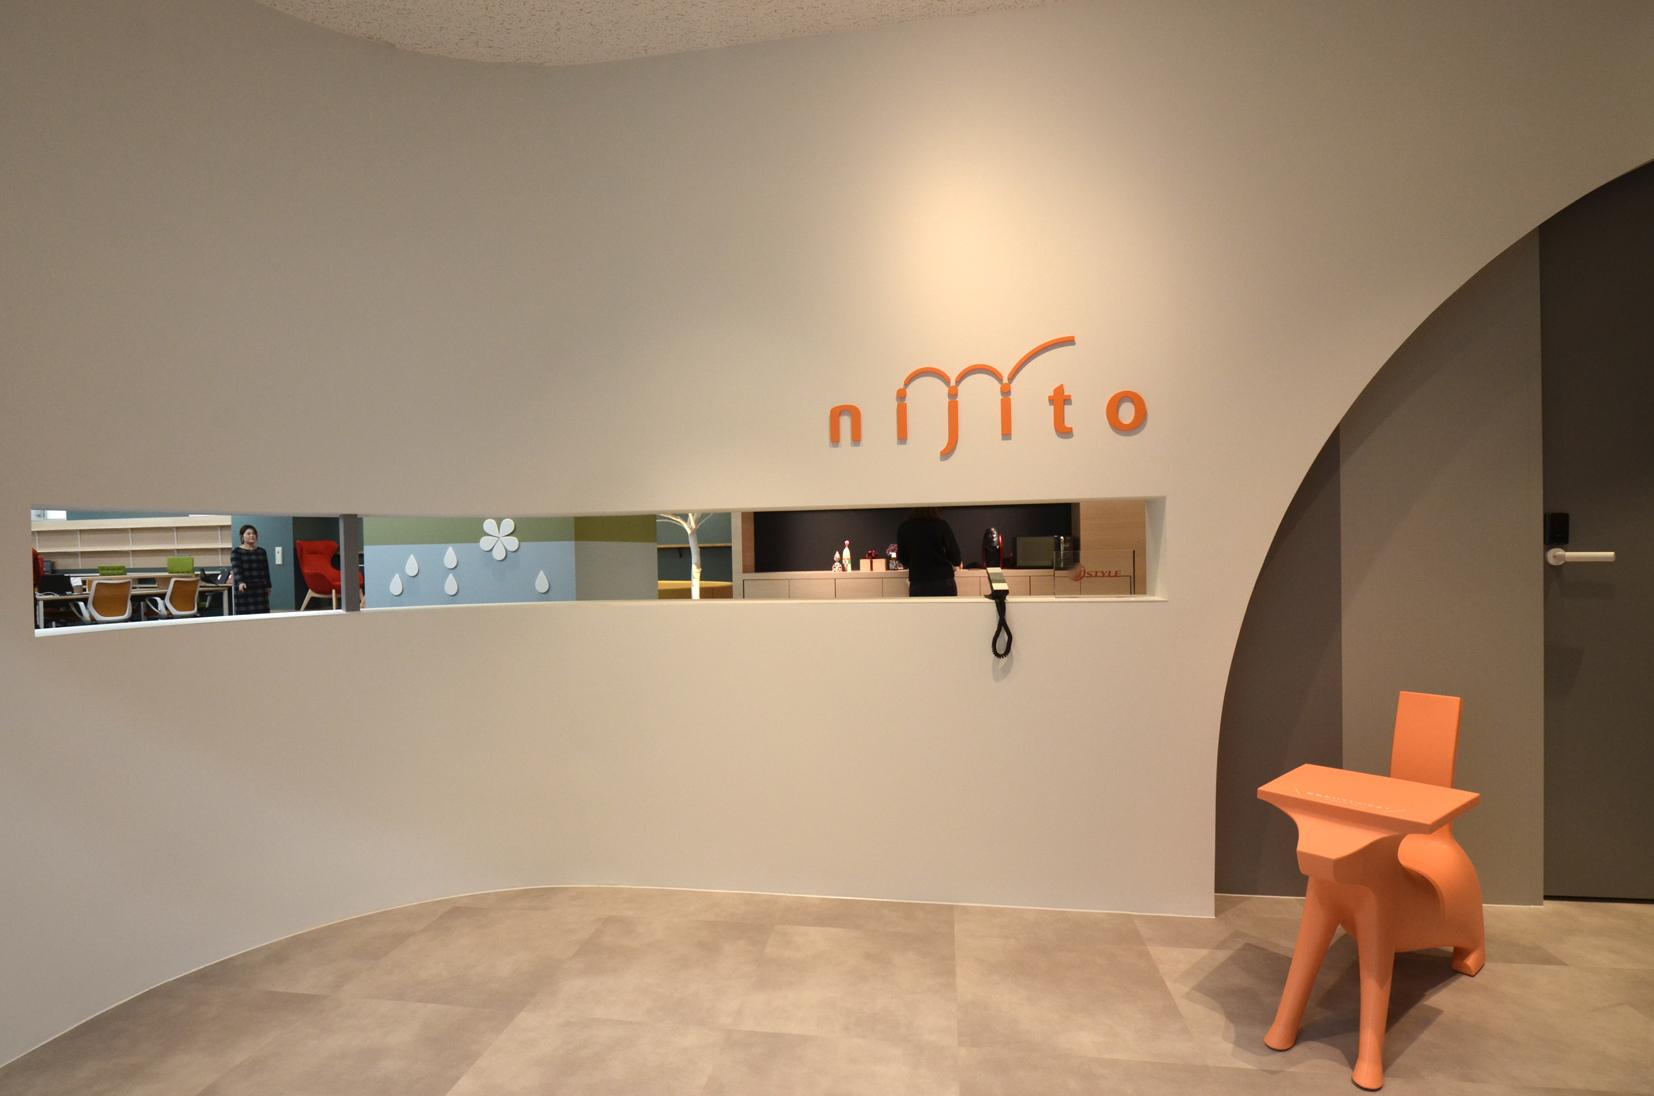 nijito_10